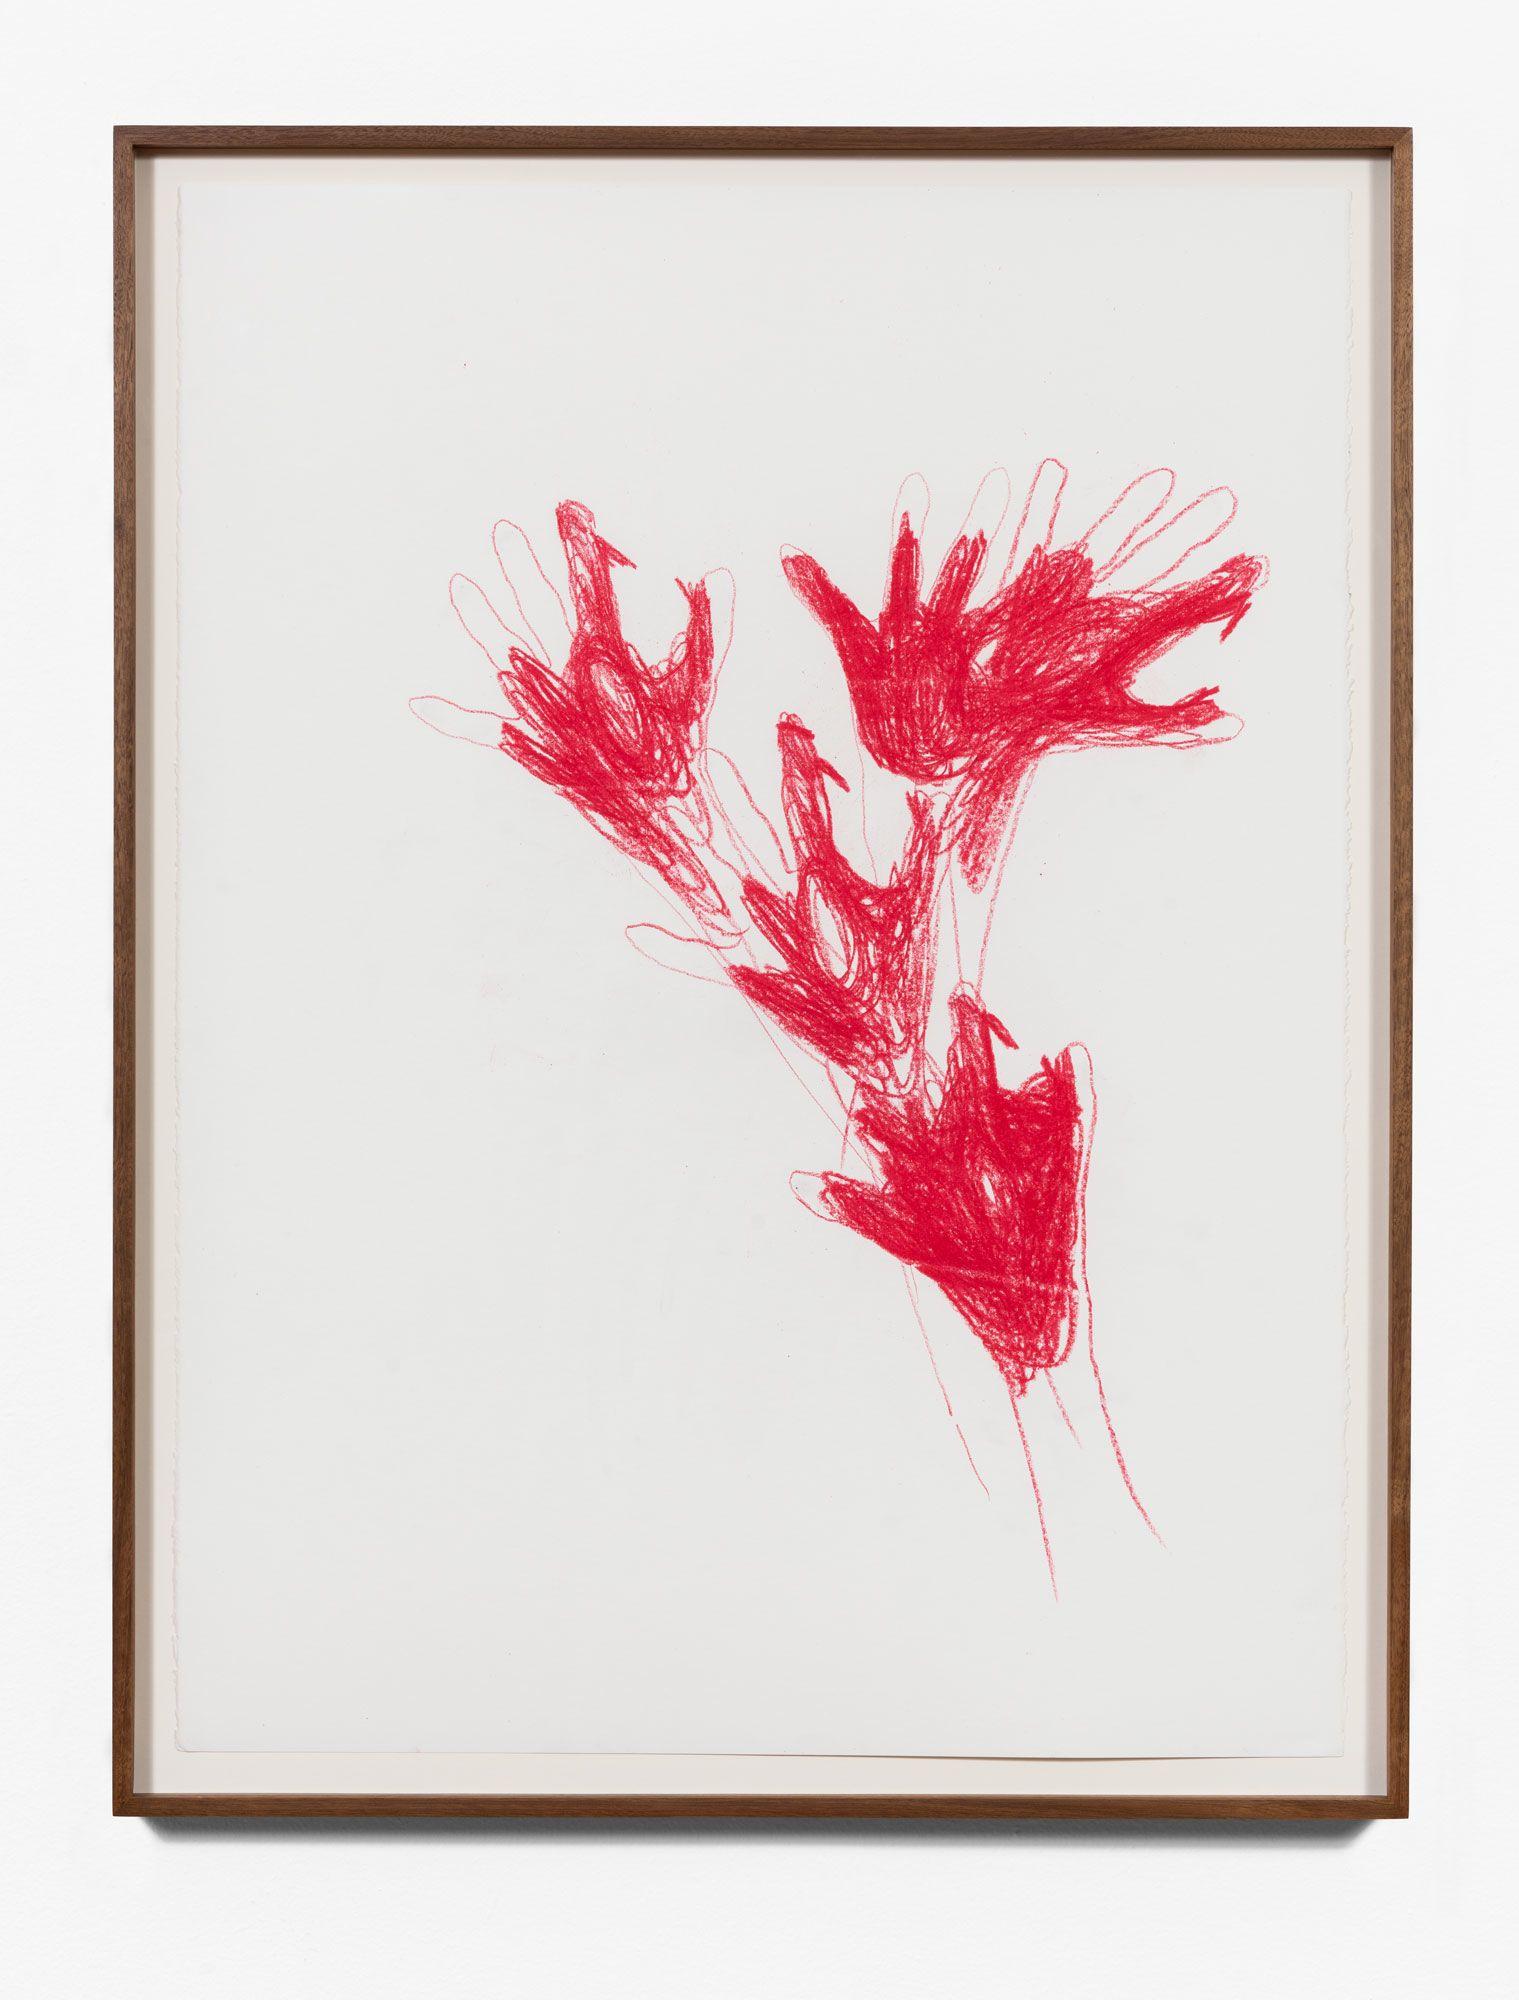 Gloved Dog floral-single color/red